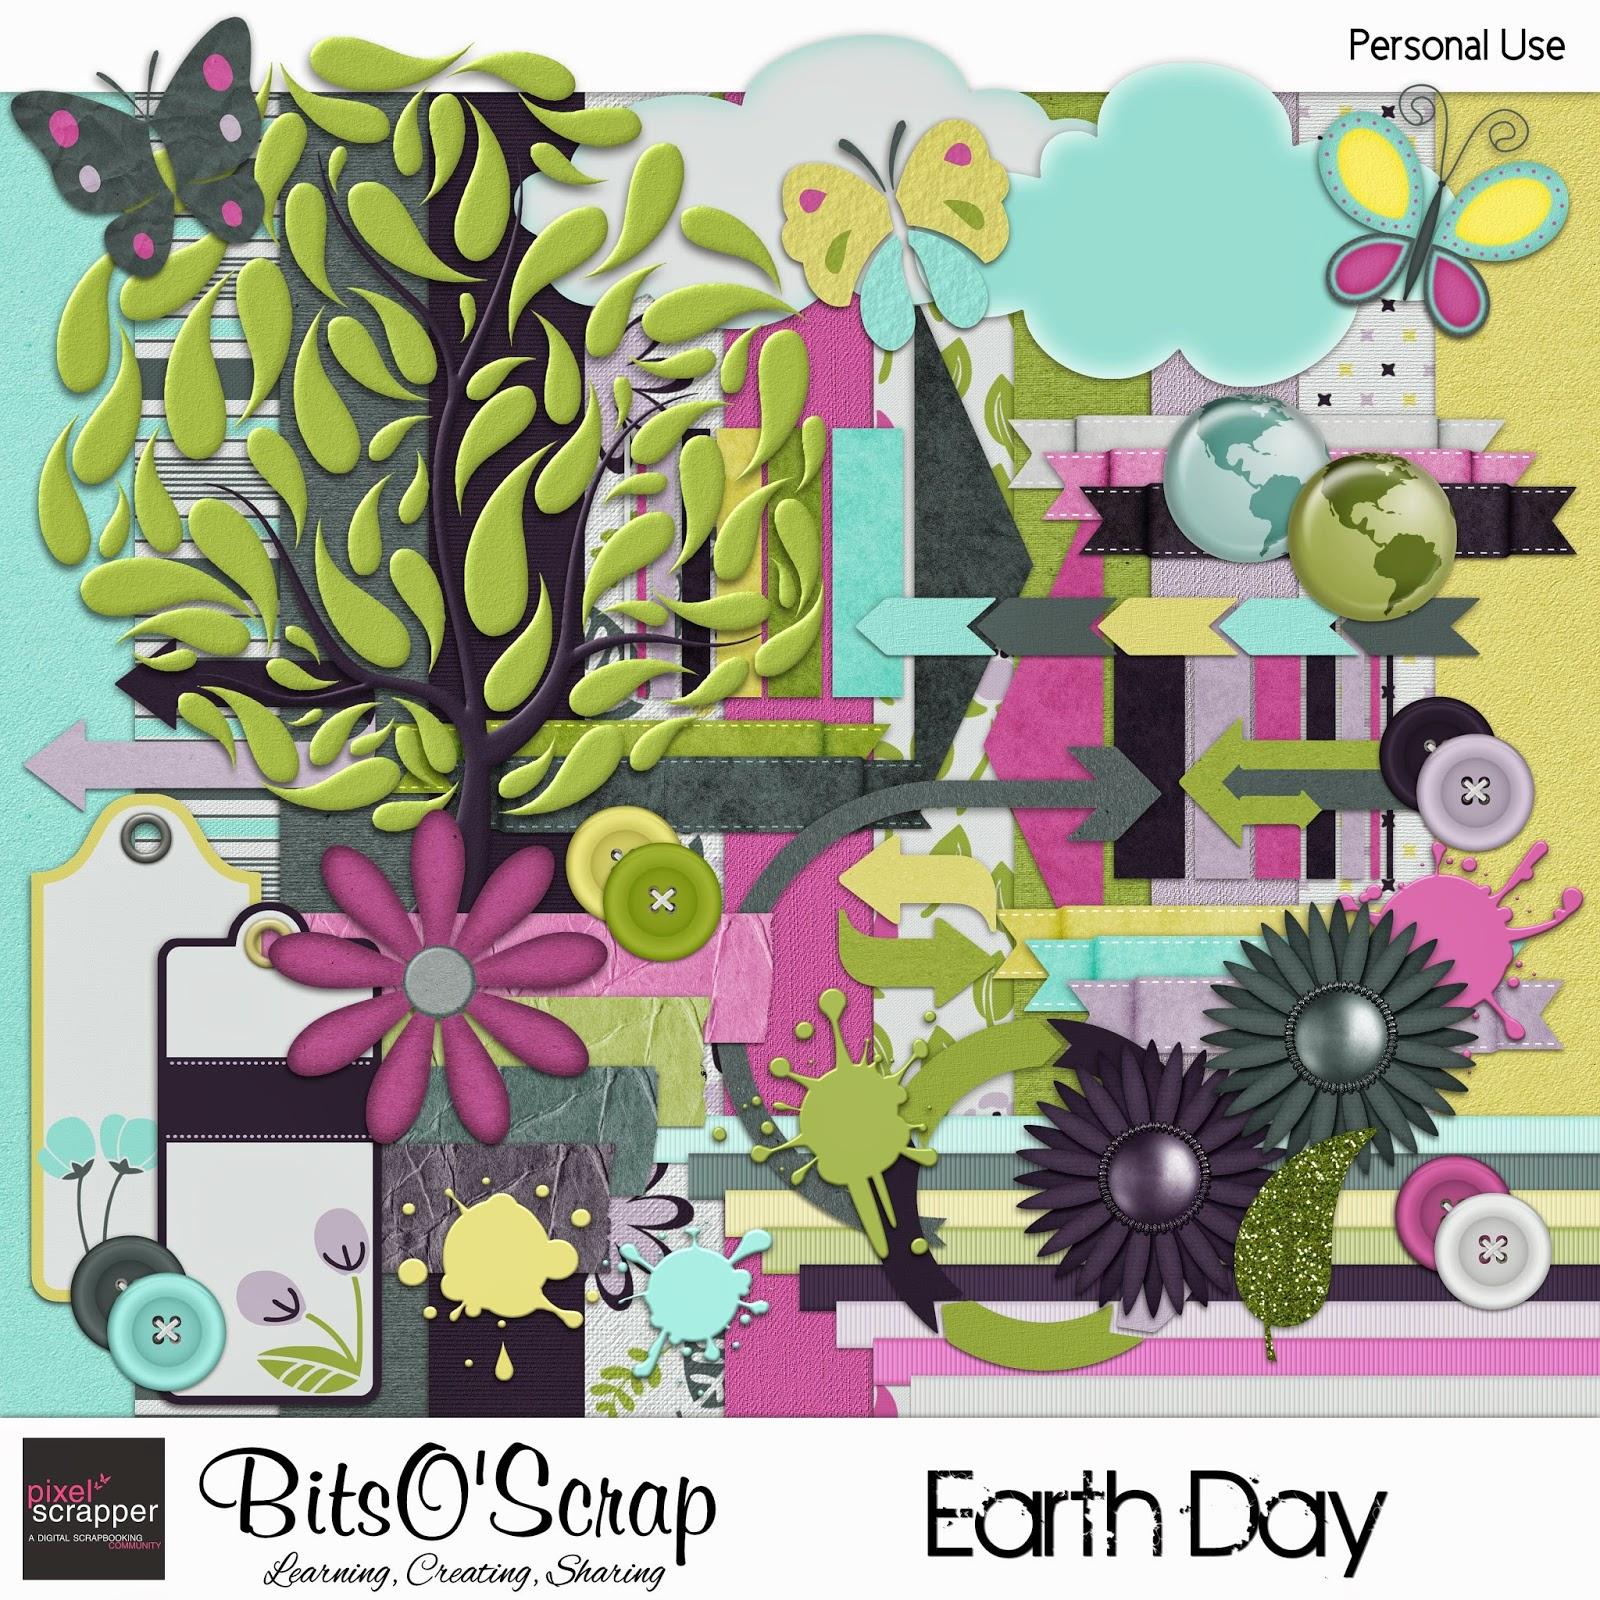 http://3.bp.blogspot.com/-bVxOSv0xyto/UzyxPyYfbvI/AAAAAAAADcQ/PfGn9q5P73s/s1600/Earth+Day+preview.jpg